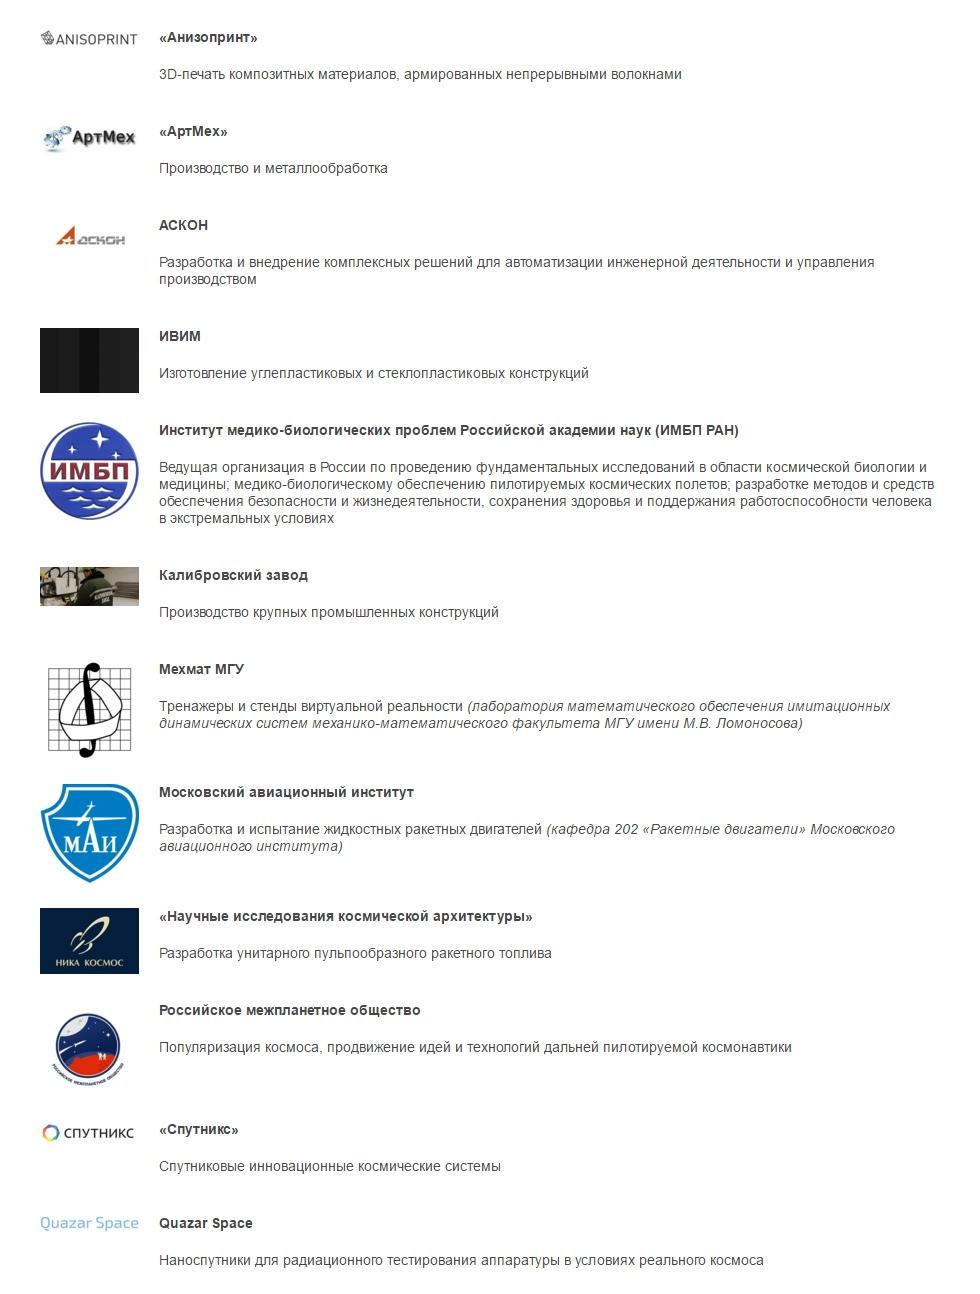 ru27-pervoprohodcy-chastnoj-kosmonavtiki-v-rossii-lin-indastrial_13